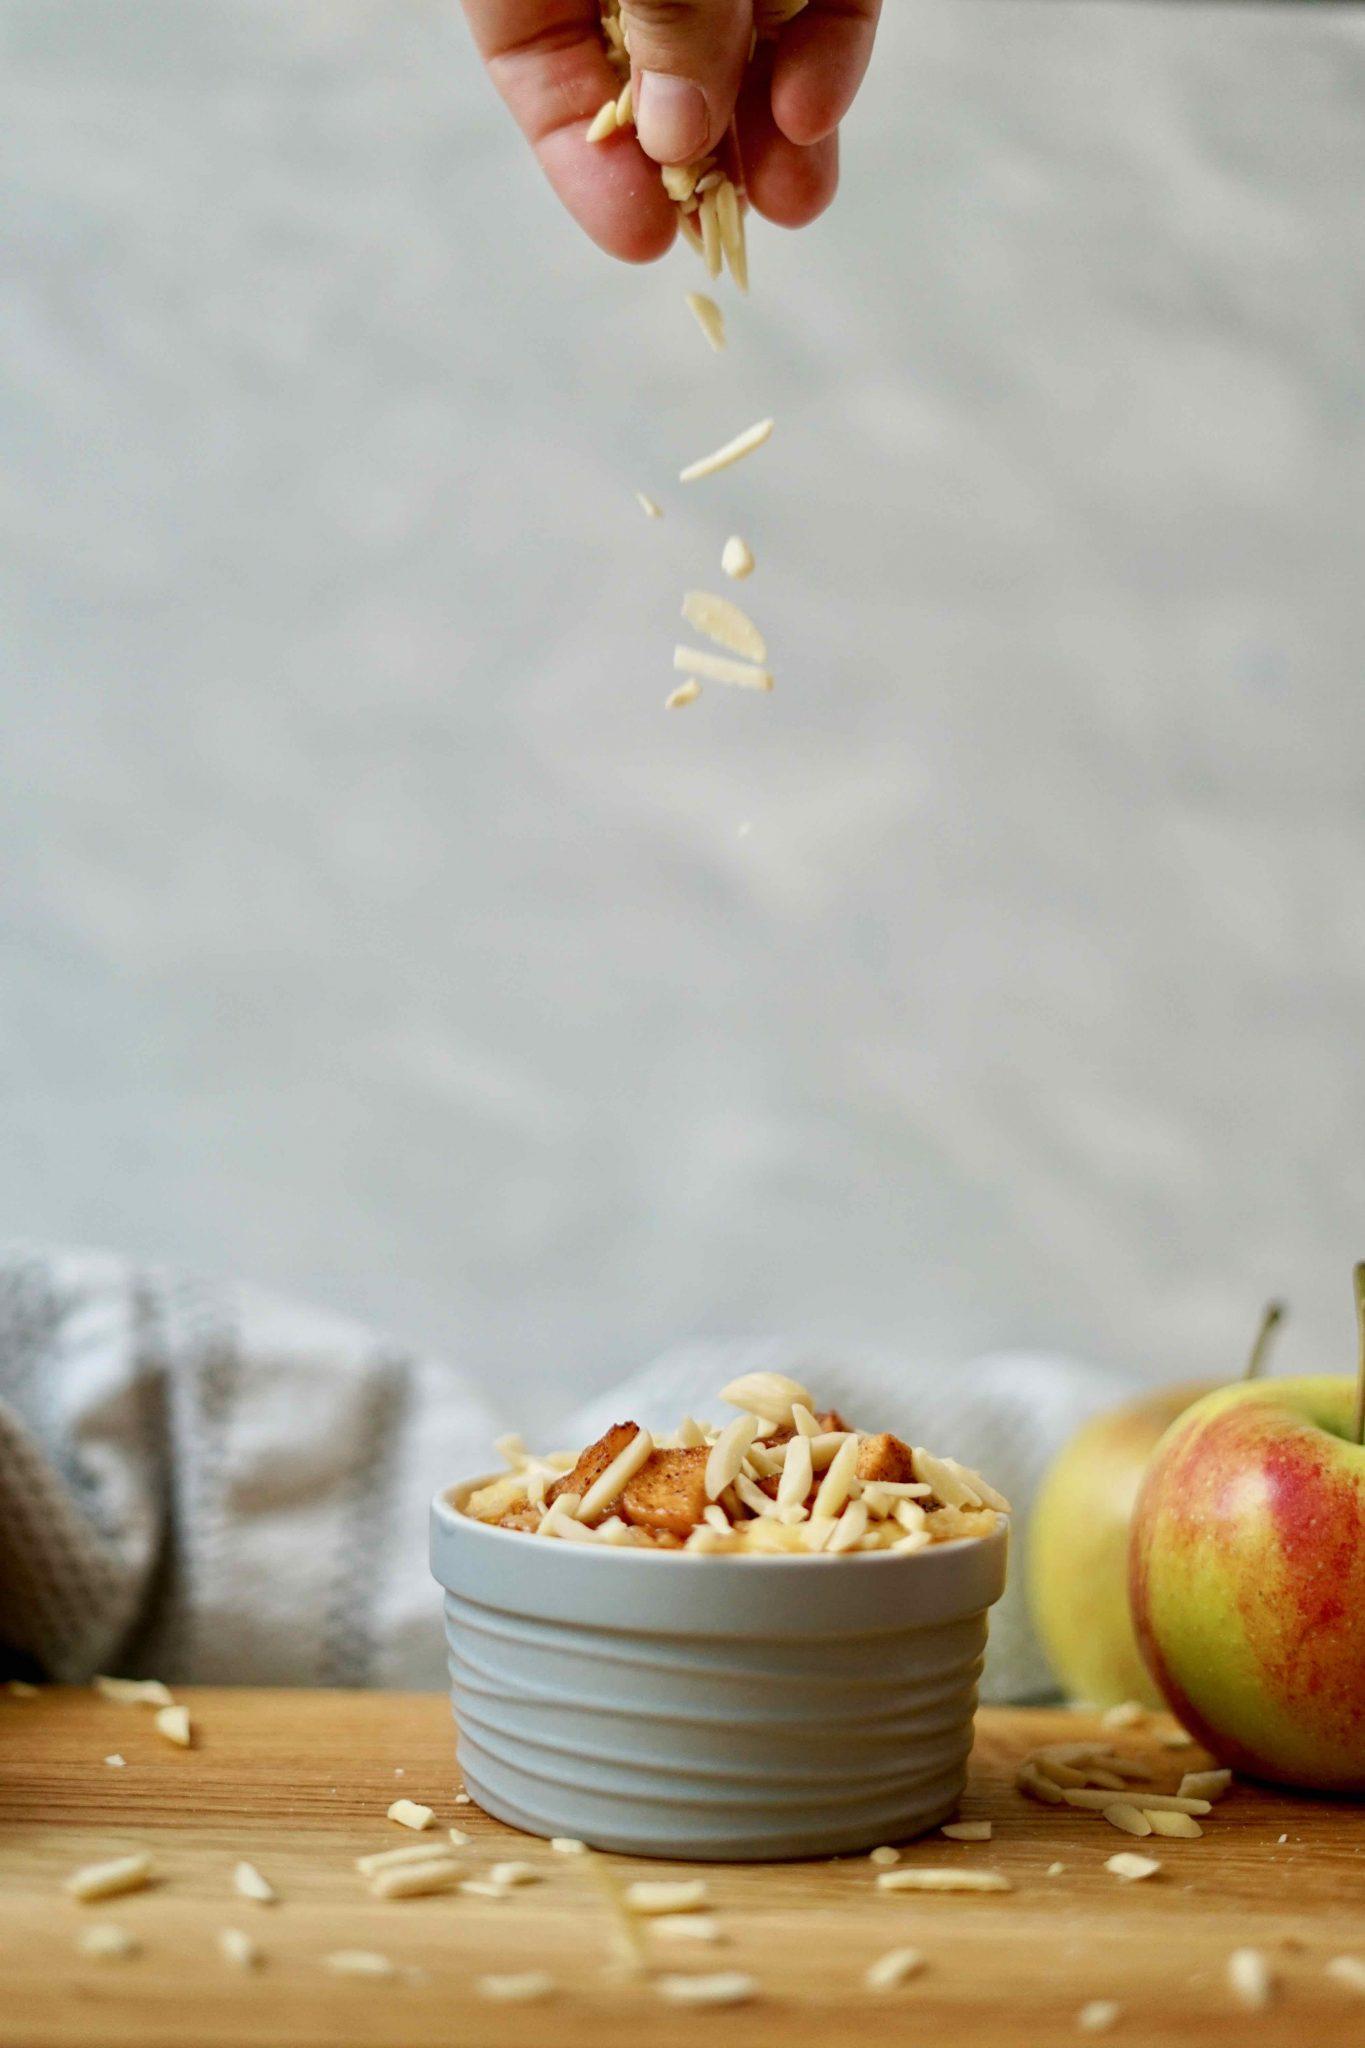 Blogevent #diearchekocht - Lieblingsgerichte aus der Kindheit Apfel-Milchreis-Auflauf